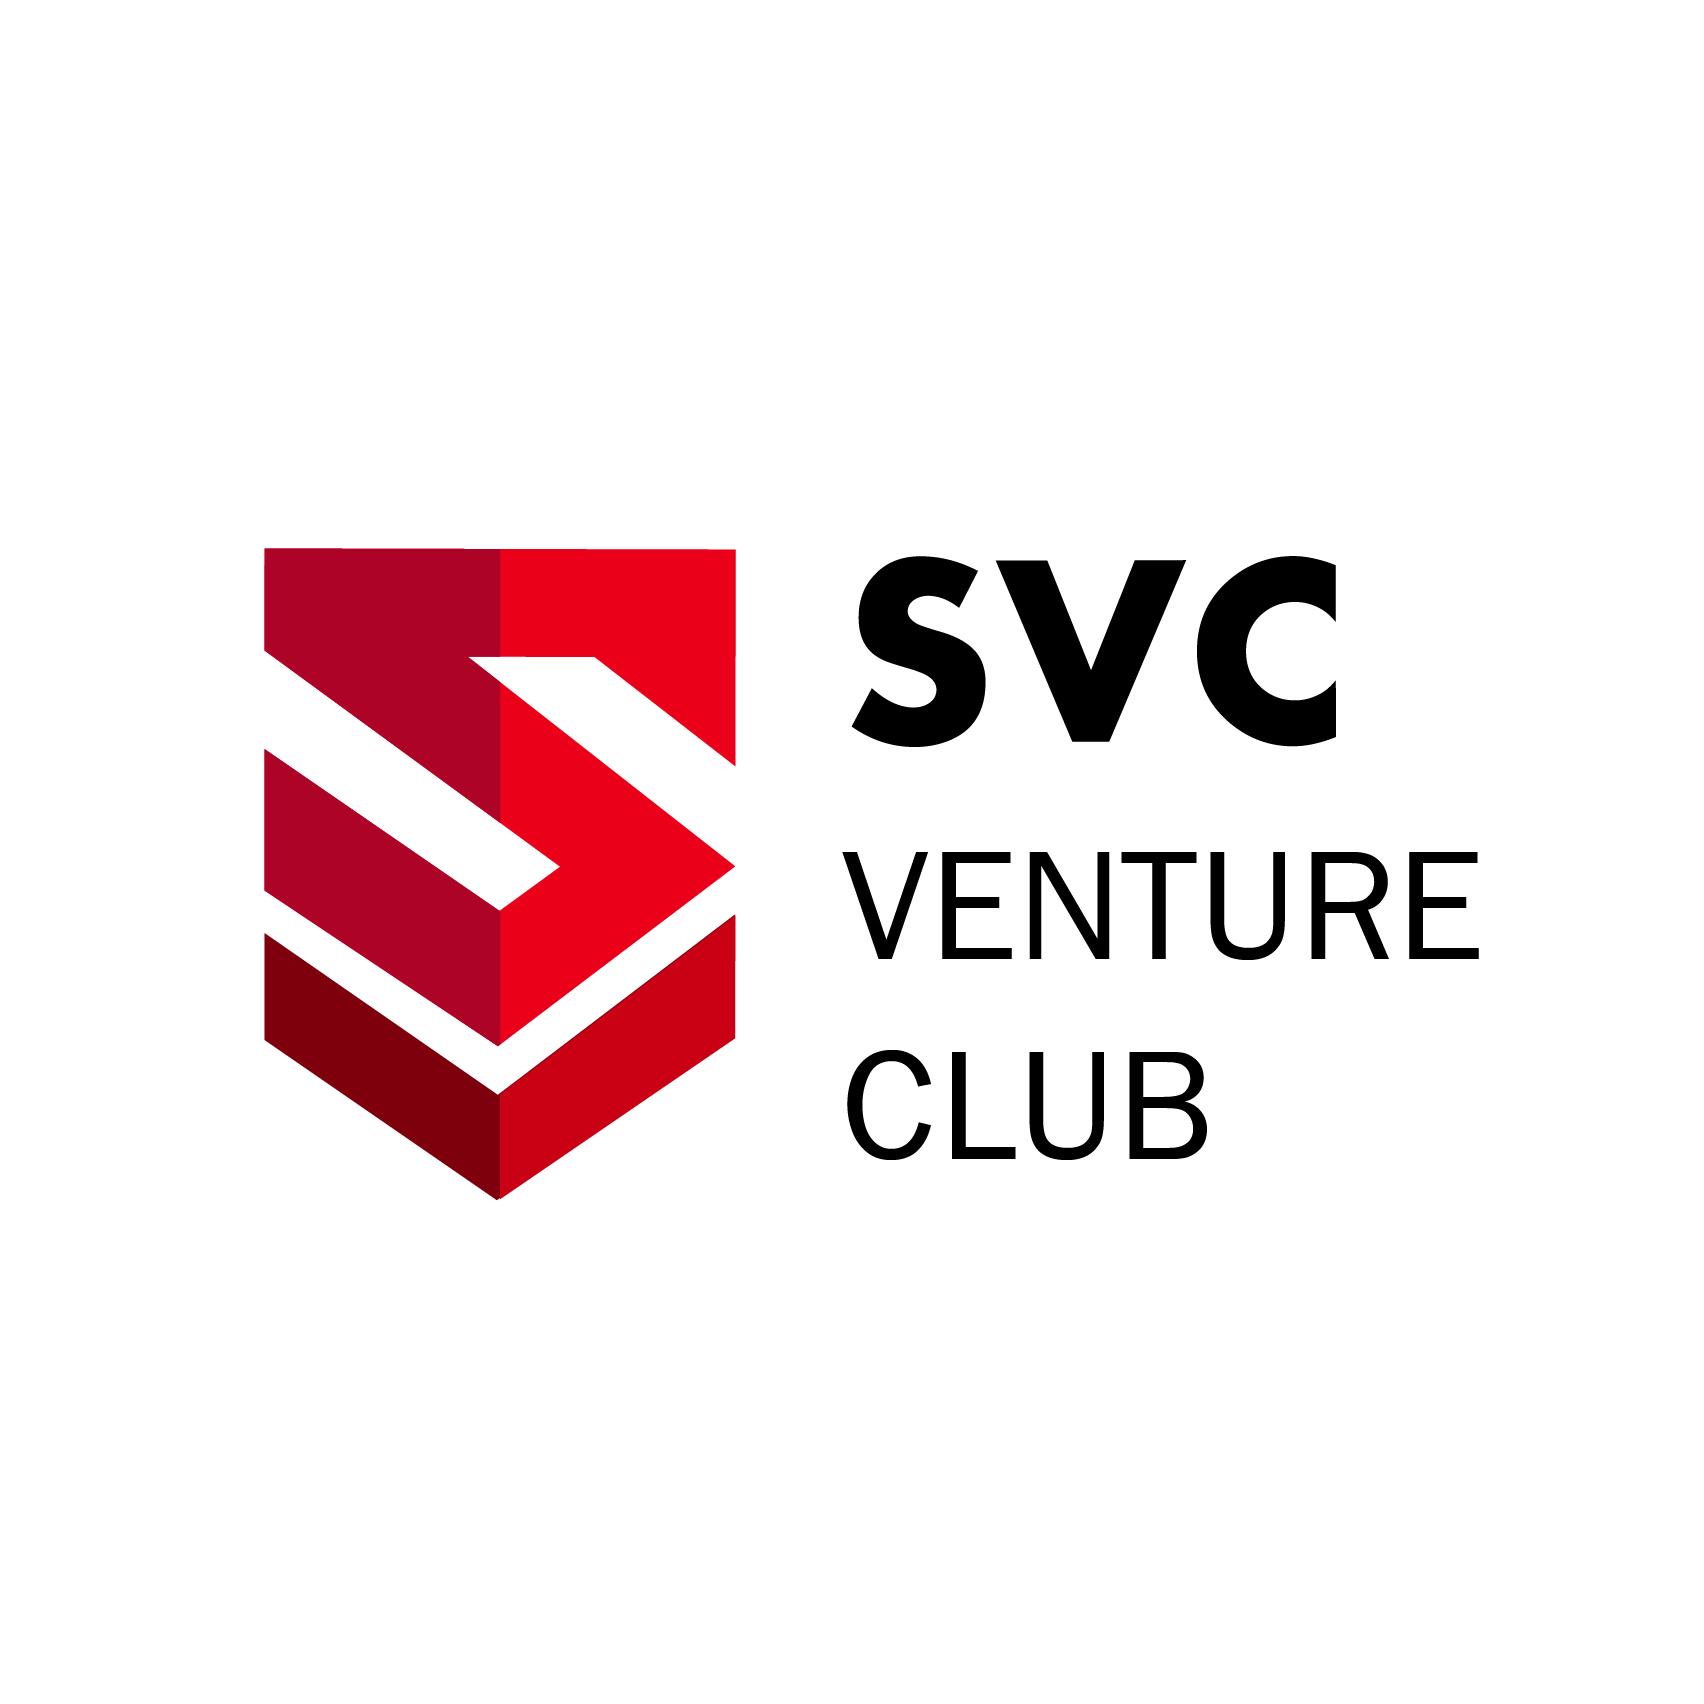 SVC Venture Club